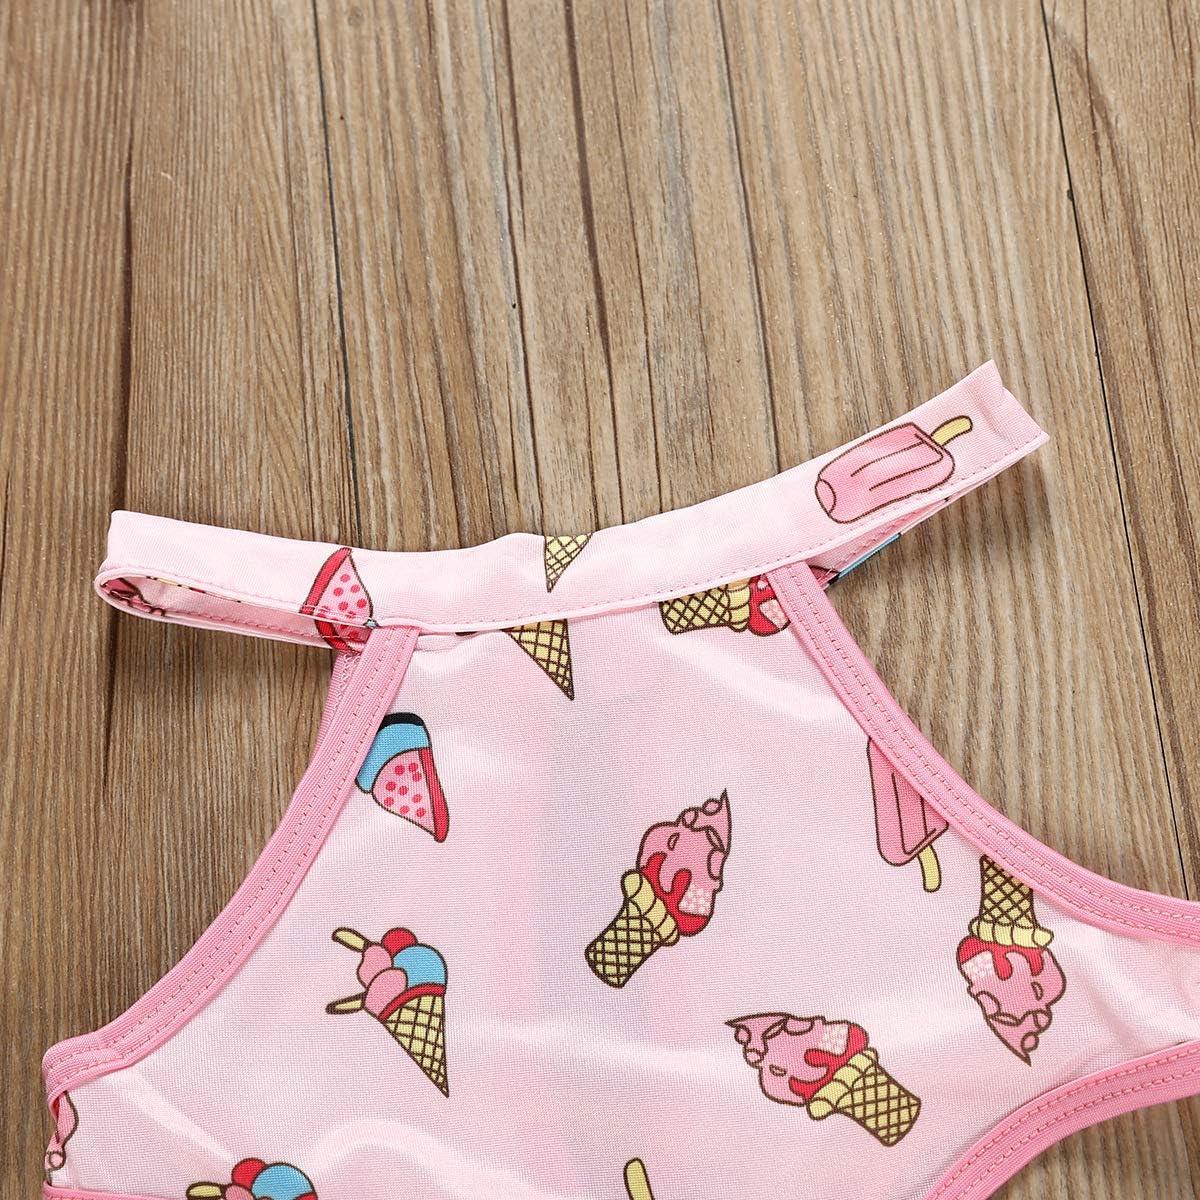 Toddler Baby Girls One-Piece Ice Cream Print Swimsuit Summer Beach Swimwear